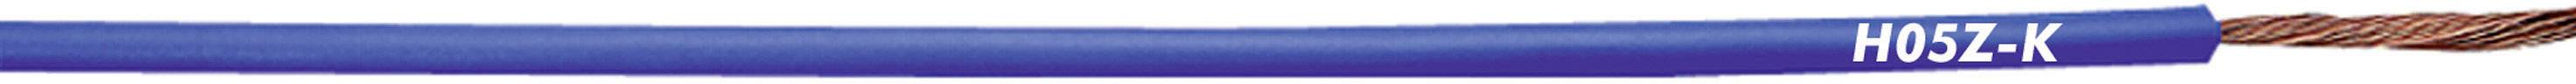 Opletenie / lanko LappKabel 4725071 H05Z-K, 1 x 0.50 mm², vonkajší Ø 2.10 mm, metrový tovar, fialová